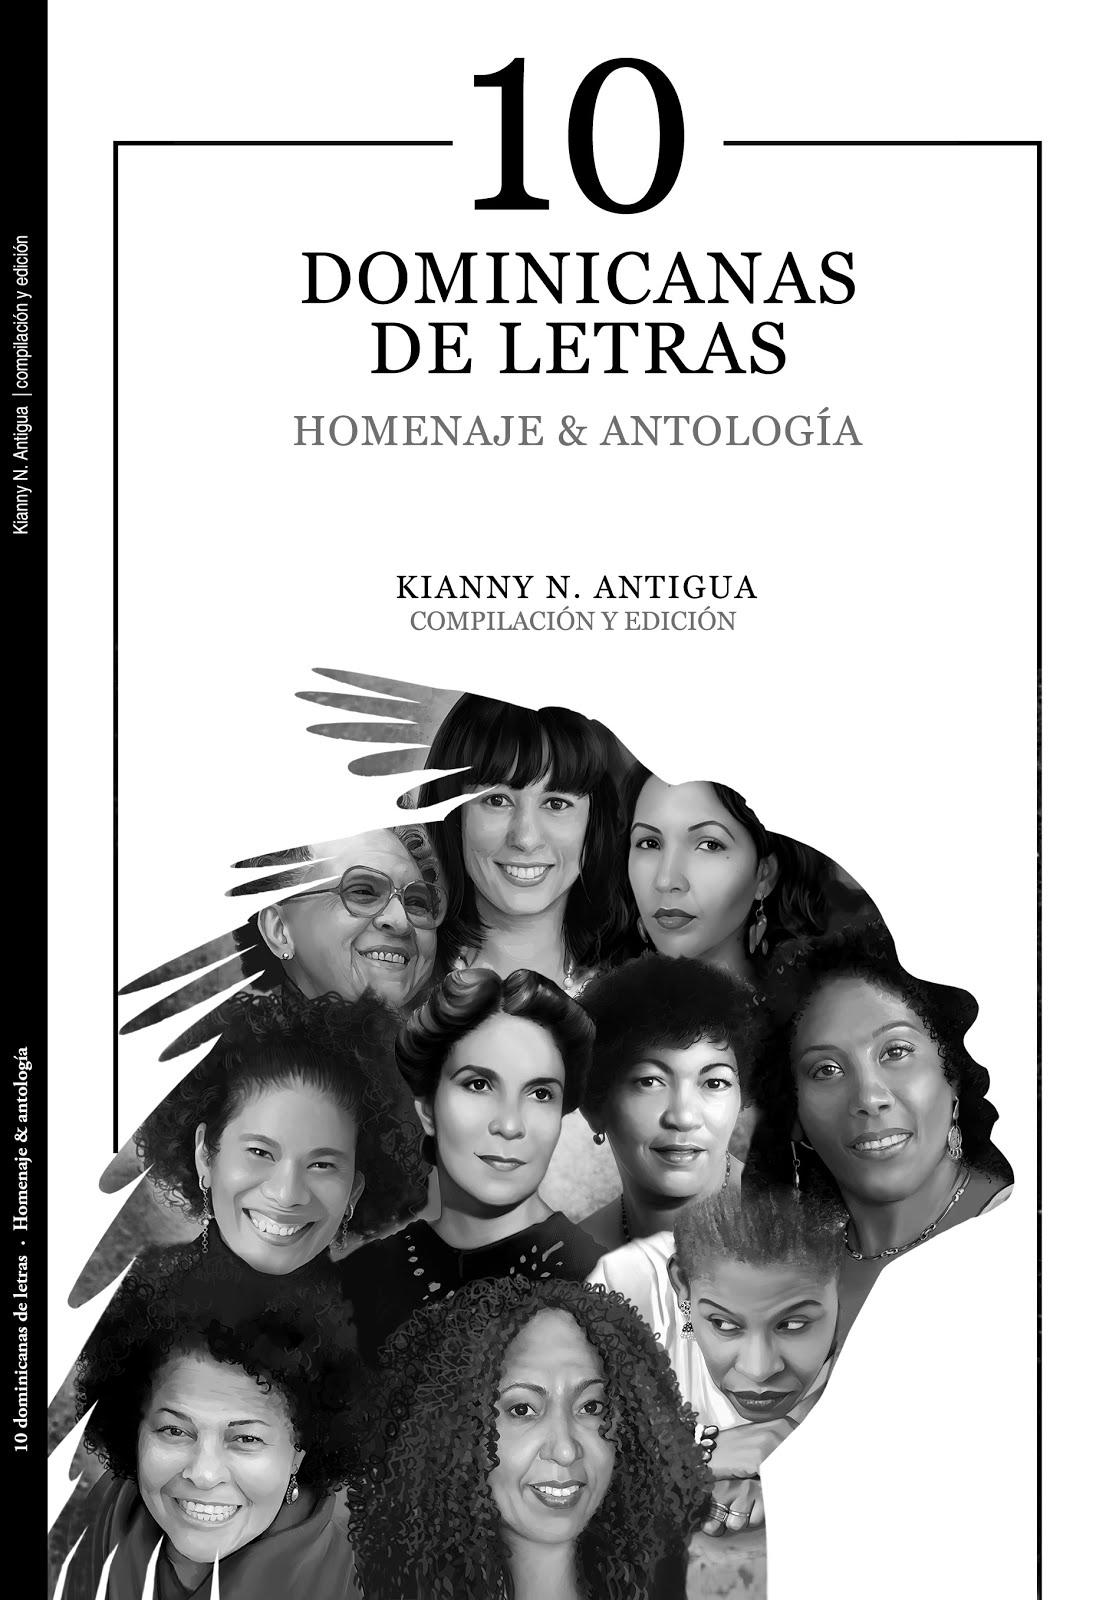 10 dominicanas de letras